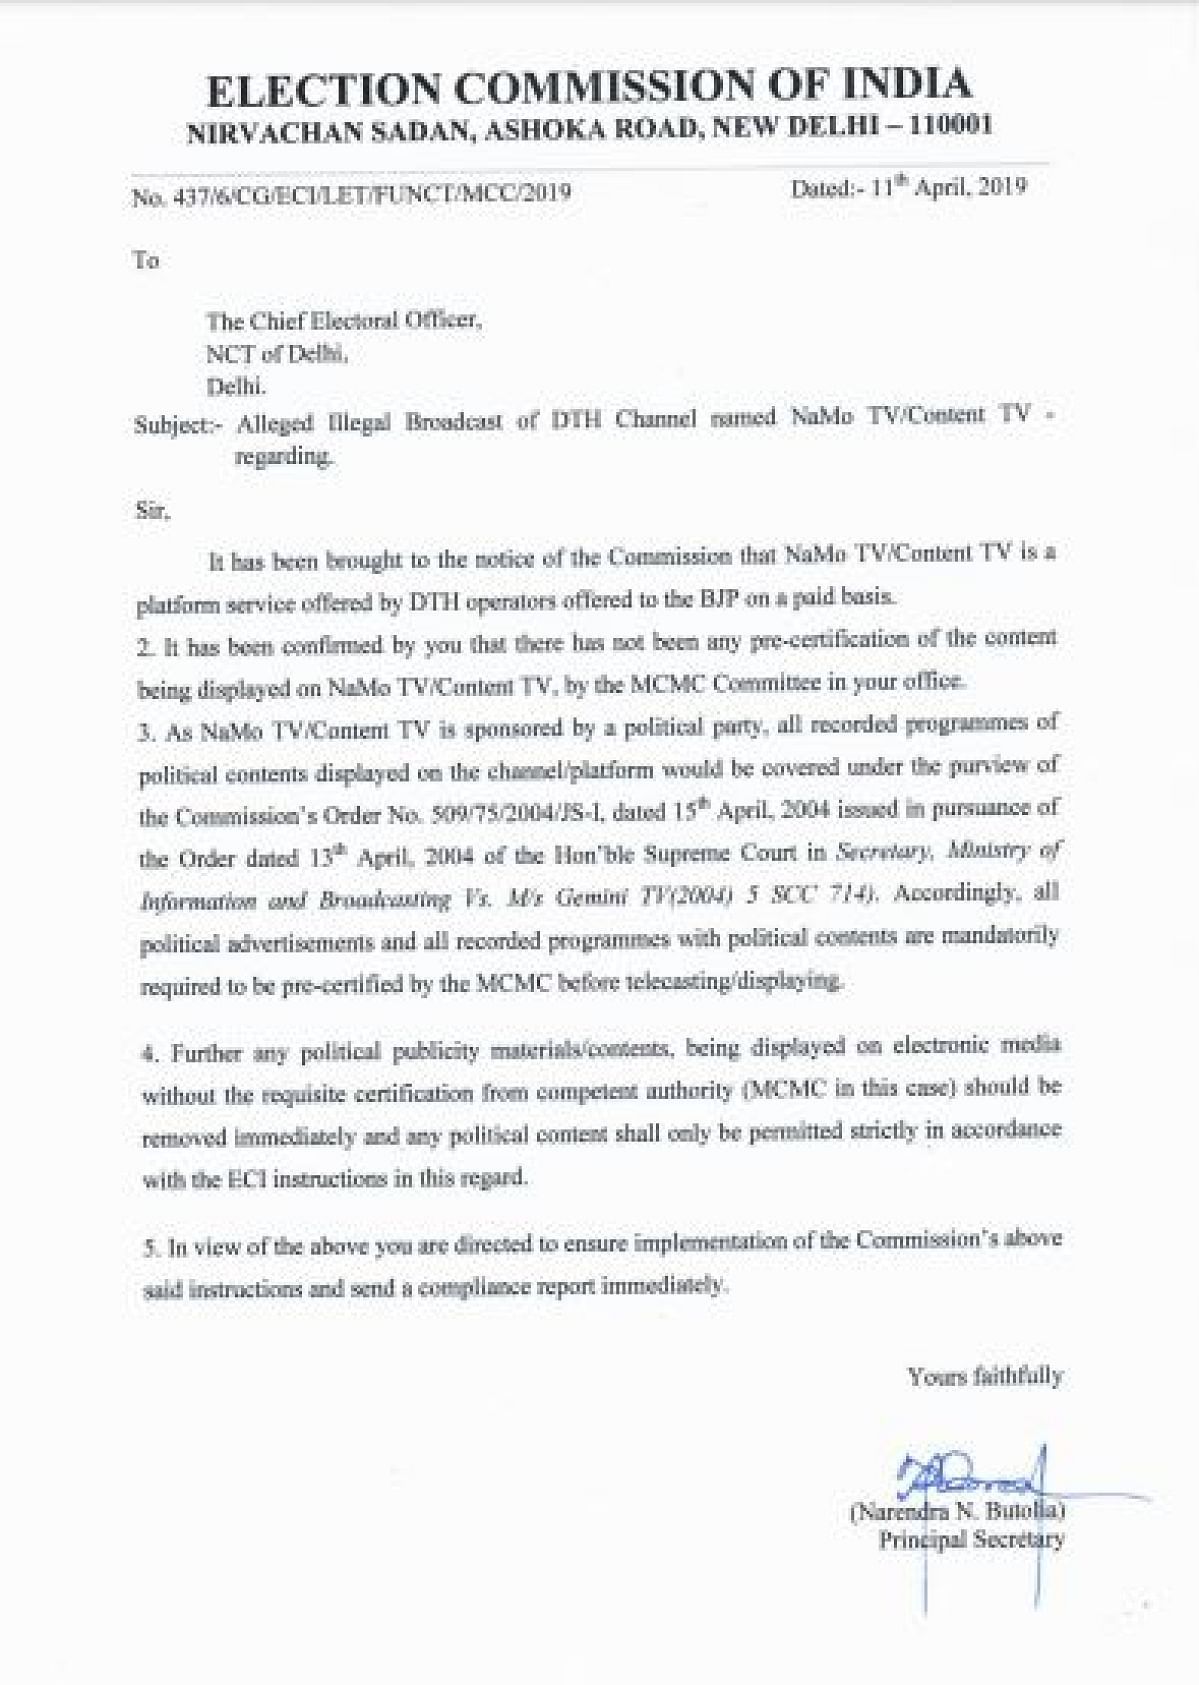 انتخابی کمیشن کی ہدایات کو ٹھینگے پر رکھ بی جے پی چلا رہی 'نمو ٹی وی'